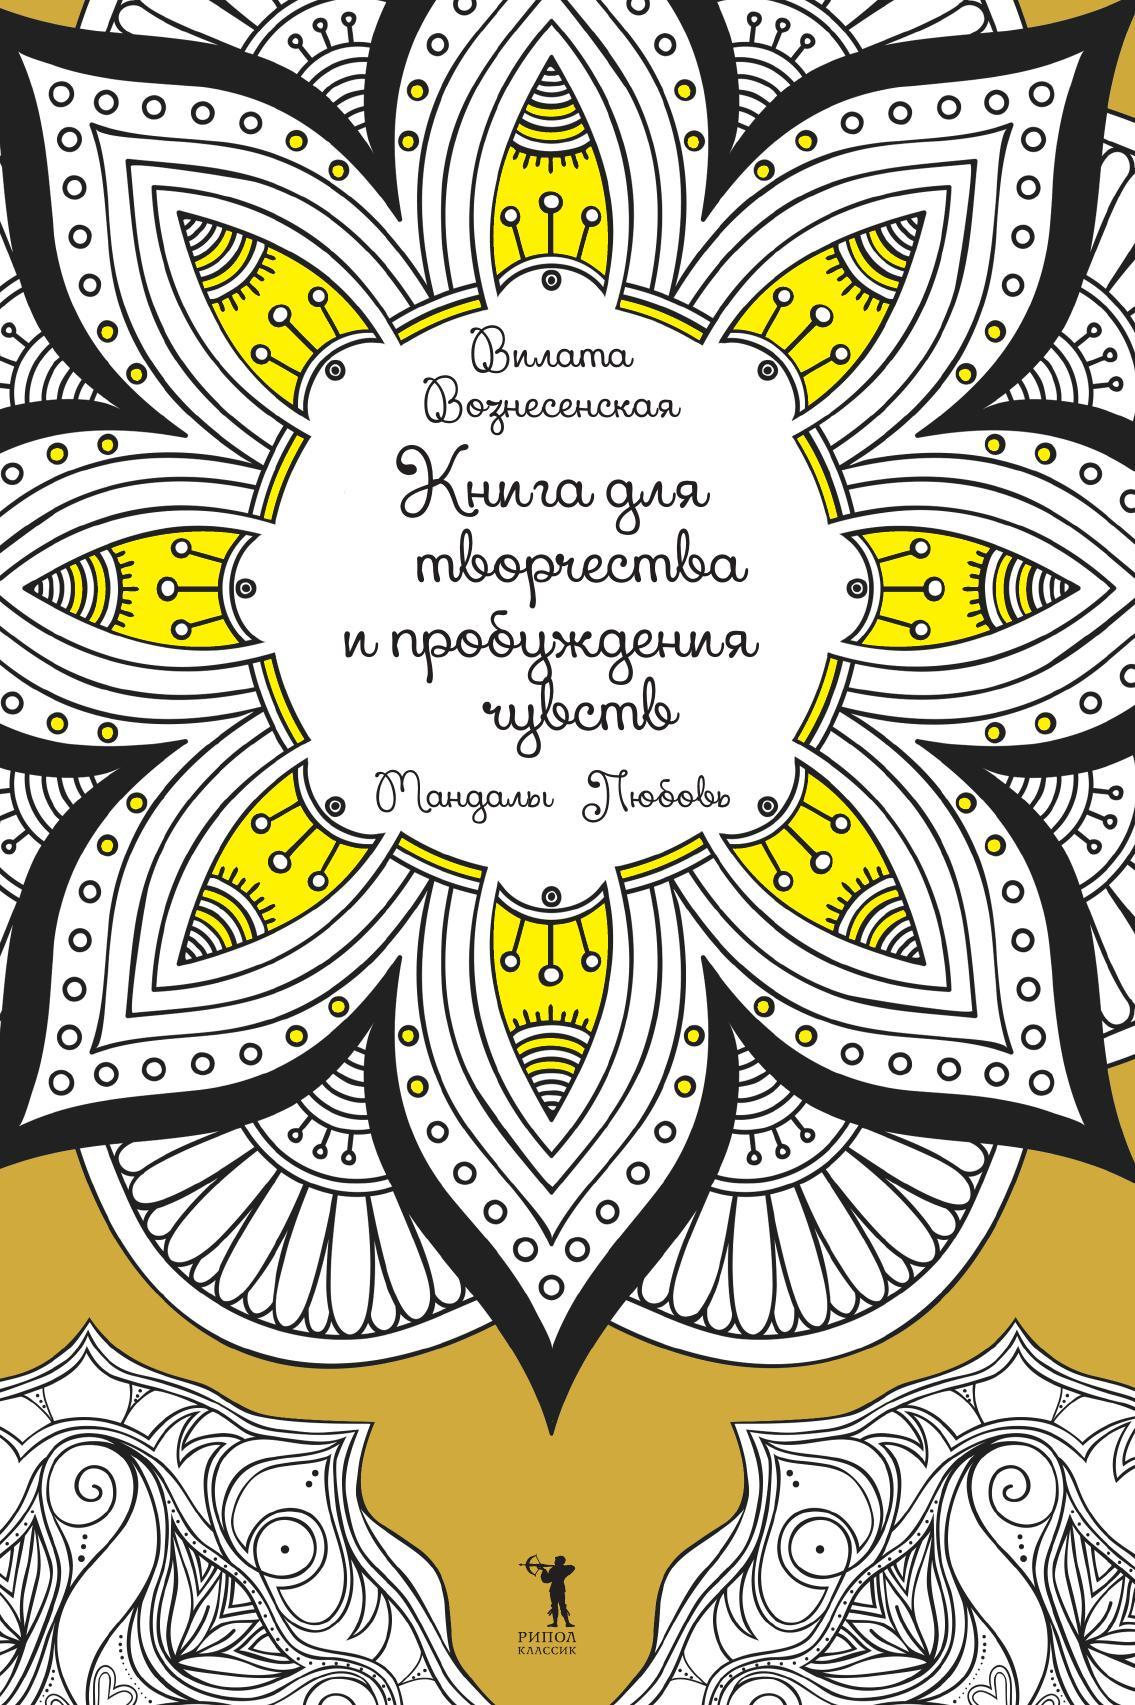 Вилата Вознесенская Книга для творчества и пробуждения чувств. Мандалы. Любовь